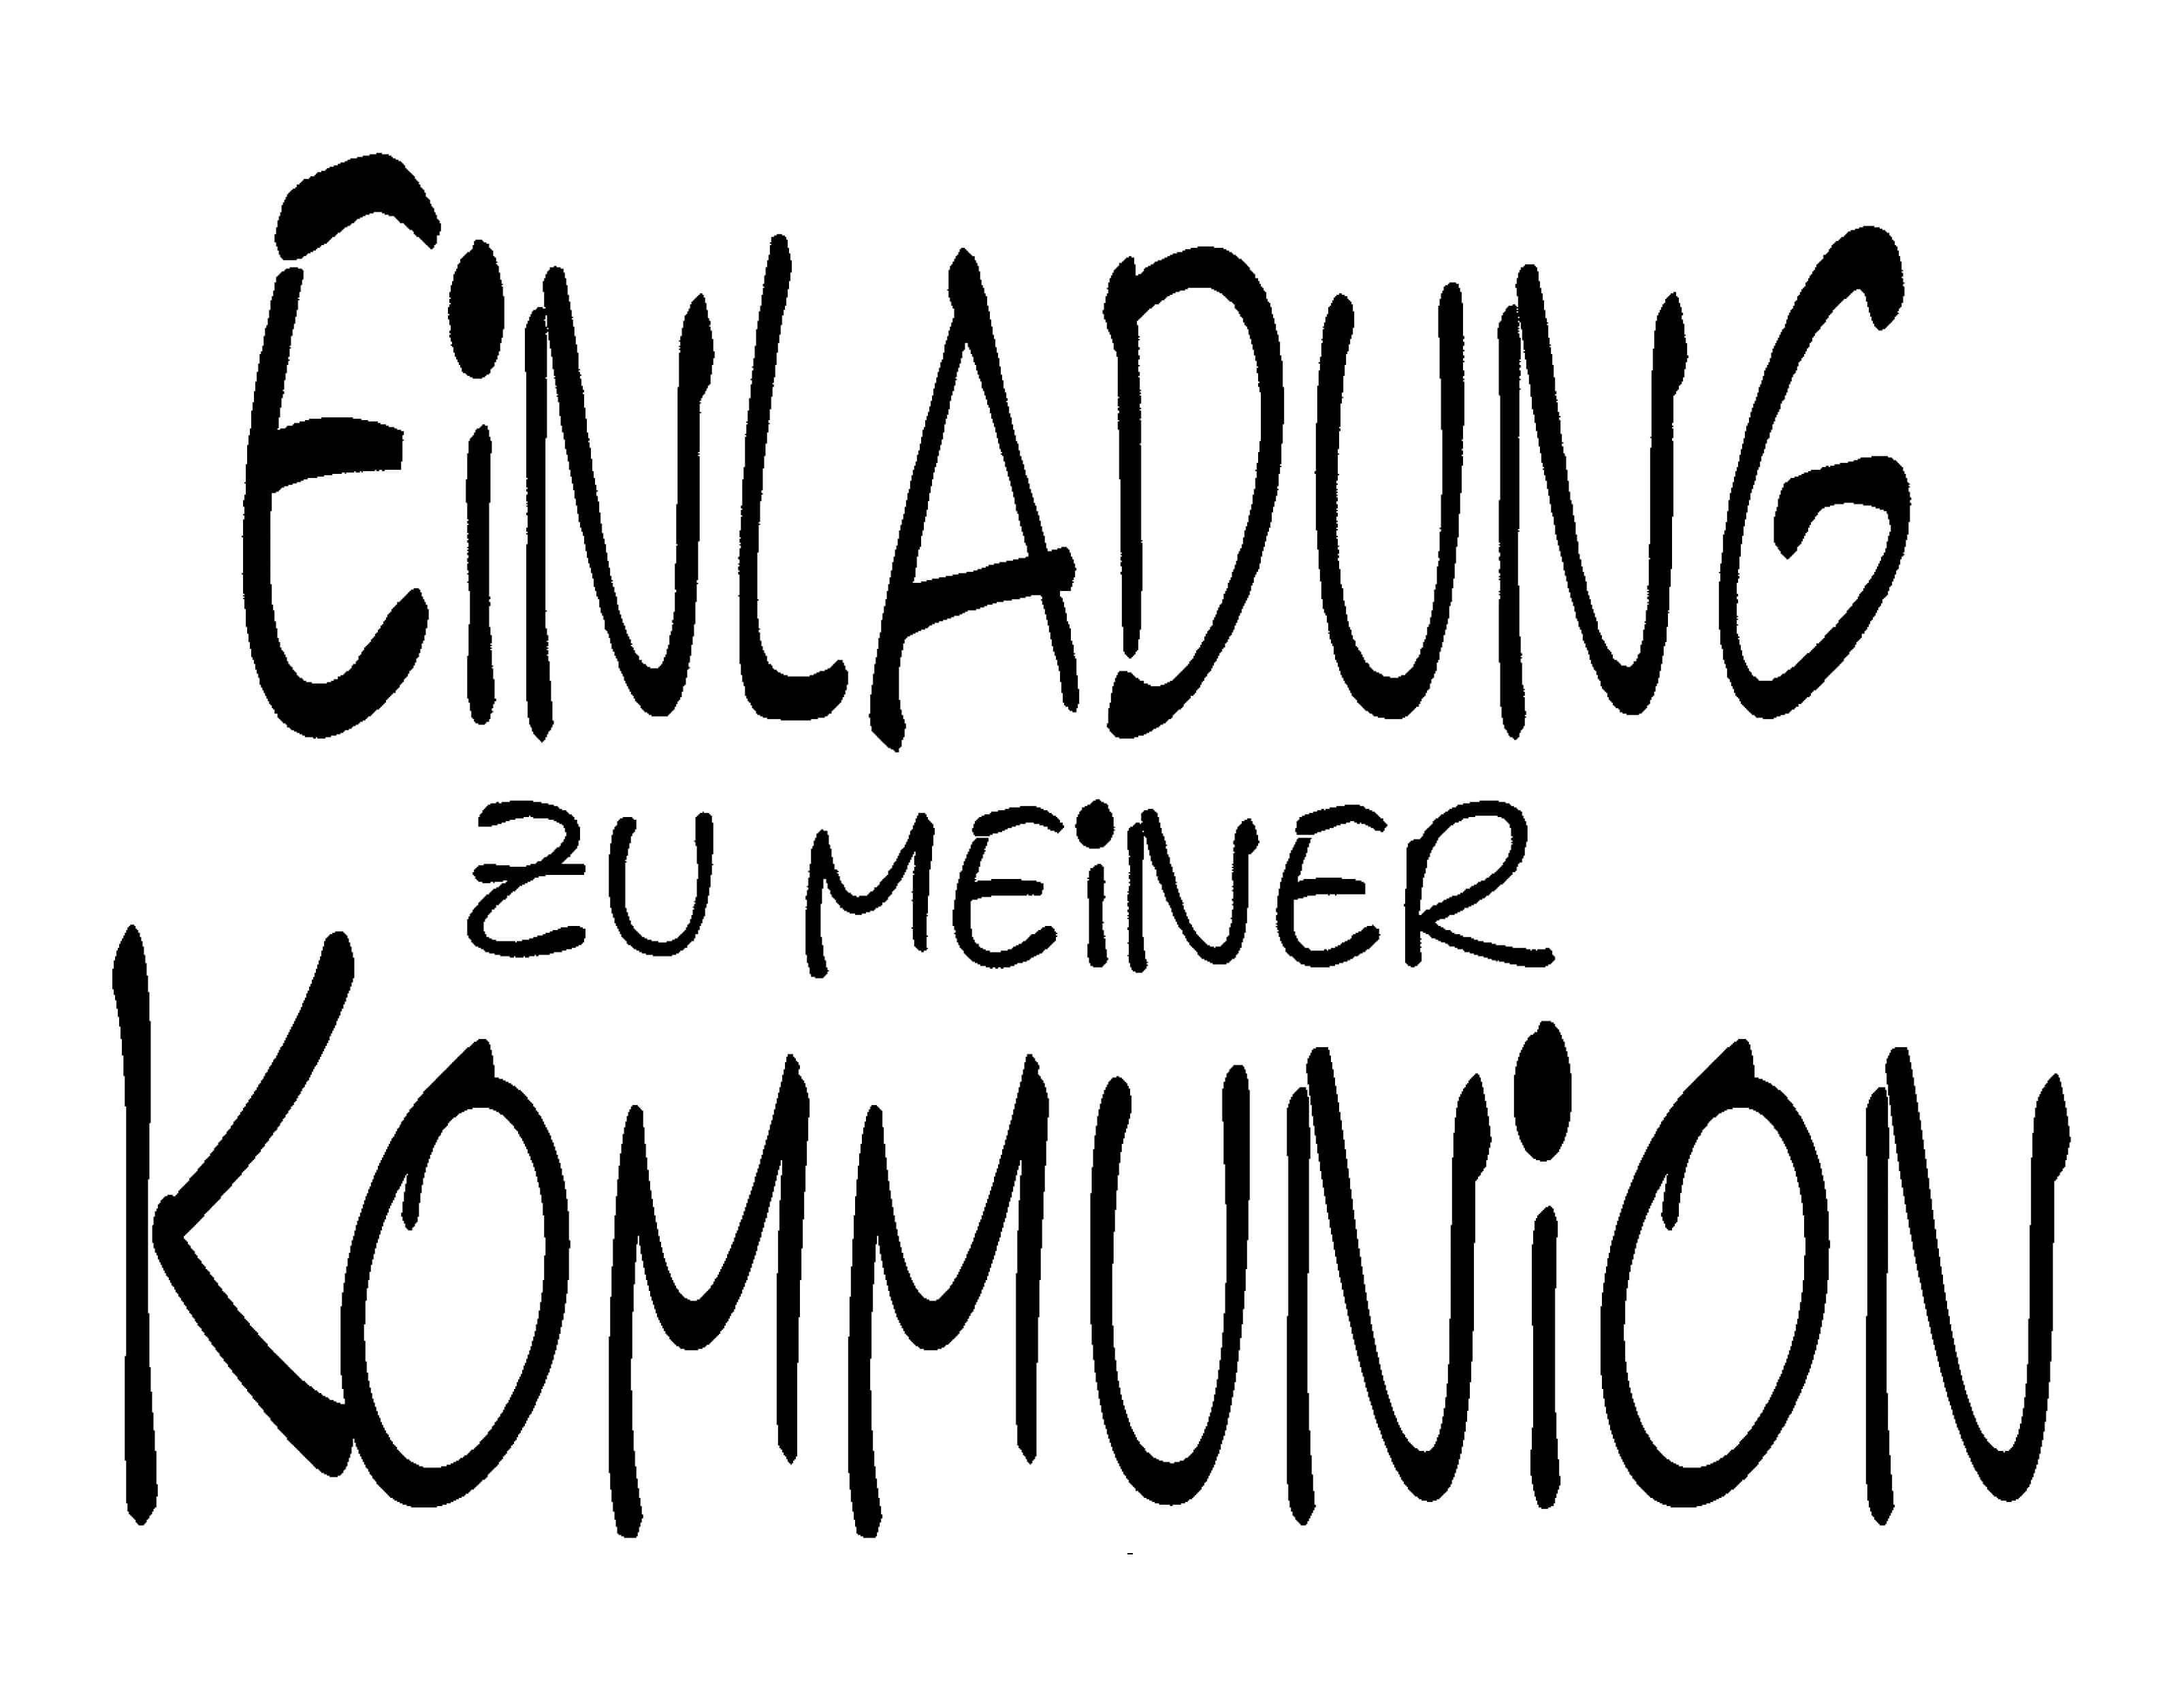 einladung zu meiner kommunion 60 x 41 mm, Einladung